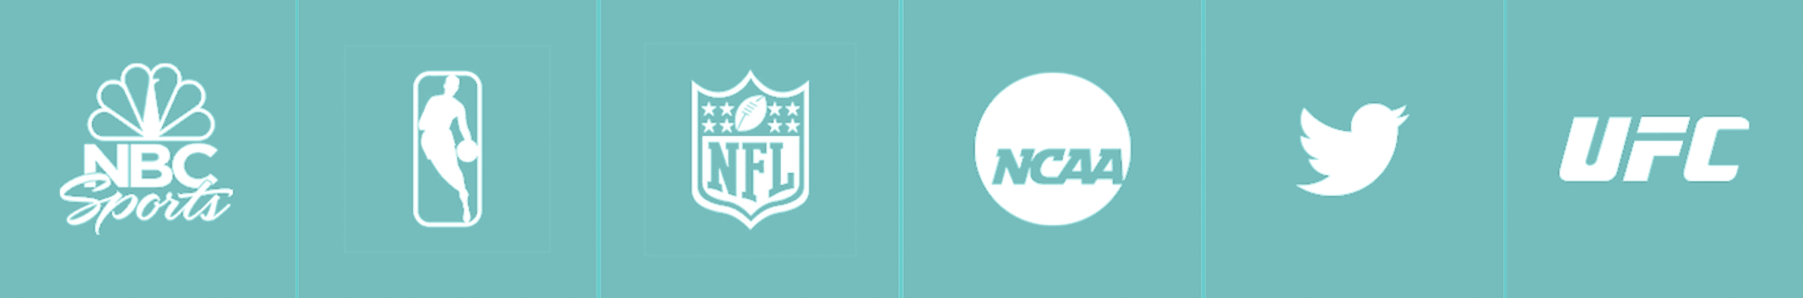 bottom-logos.png